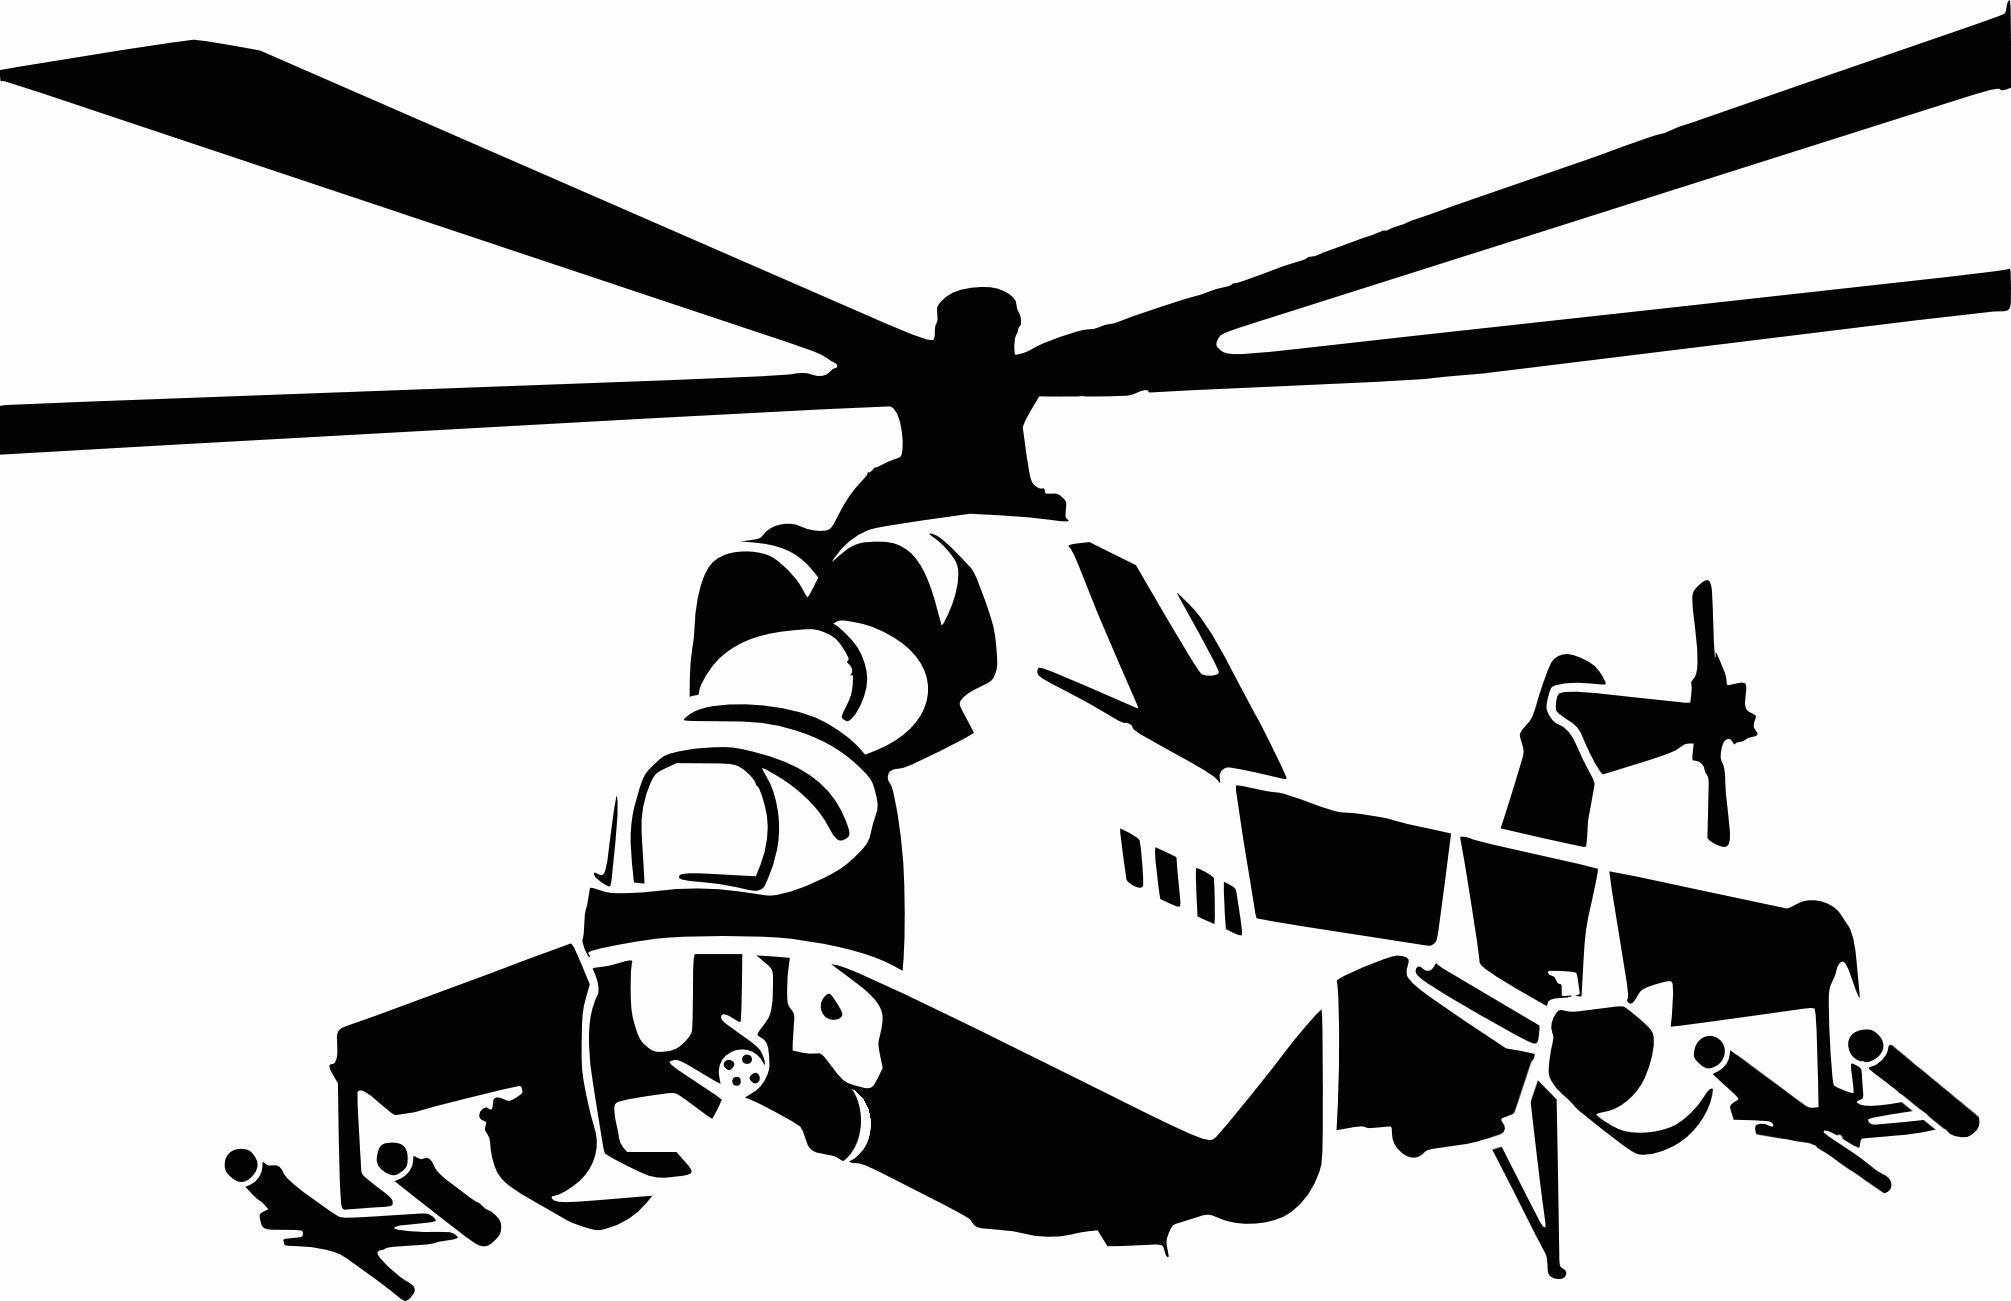 Ak 47 Stencil